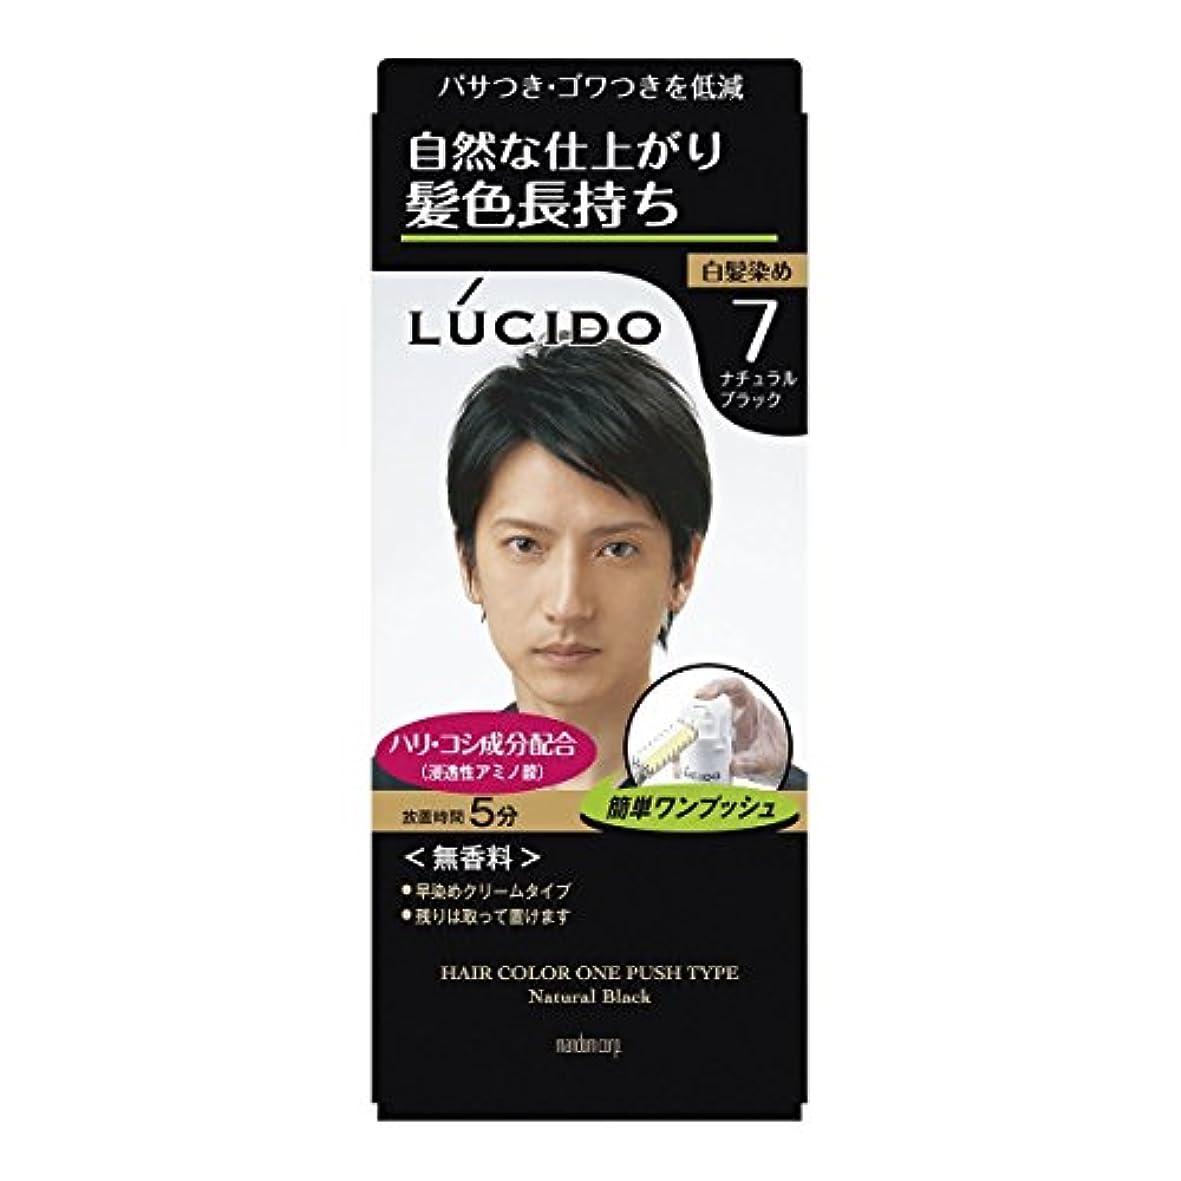 【マンダム】ルシード ワンプッシュケアカラー 7 ナチュラルブラック 1剤50g?2剤50g ×10個セット